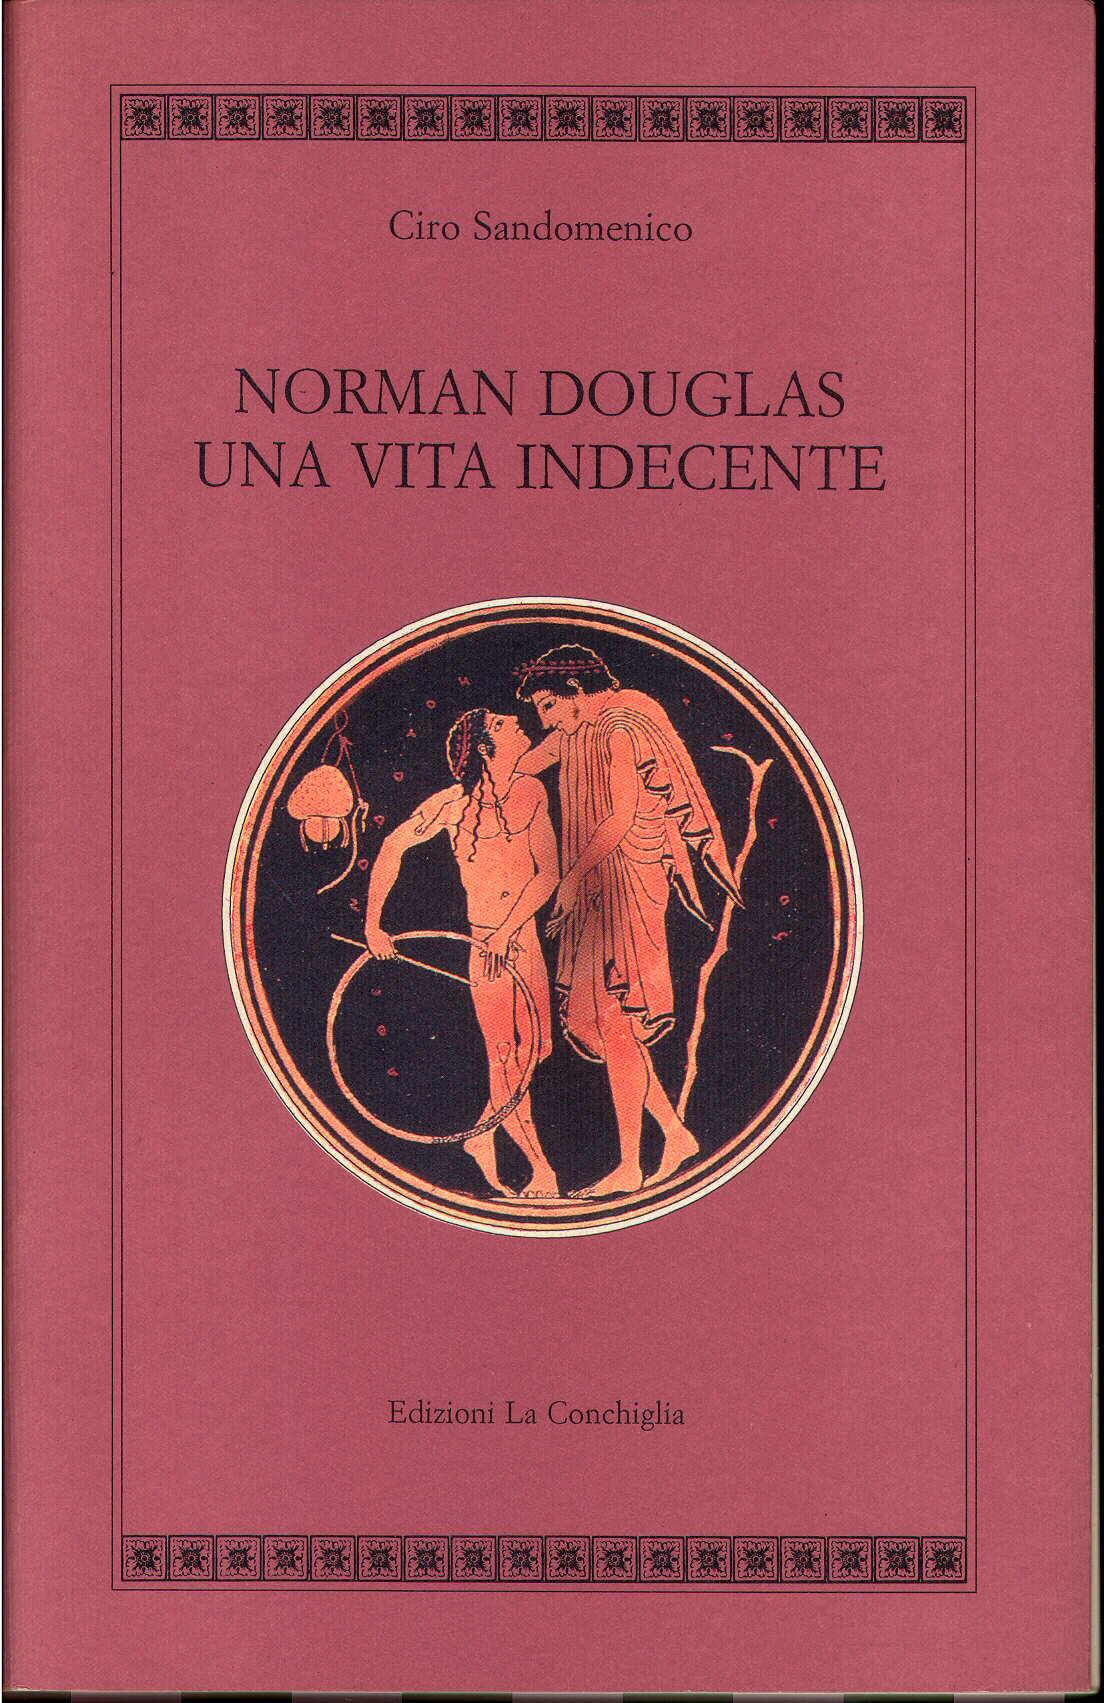 Norman Douglas. Una vita indecente